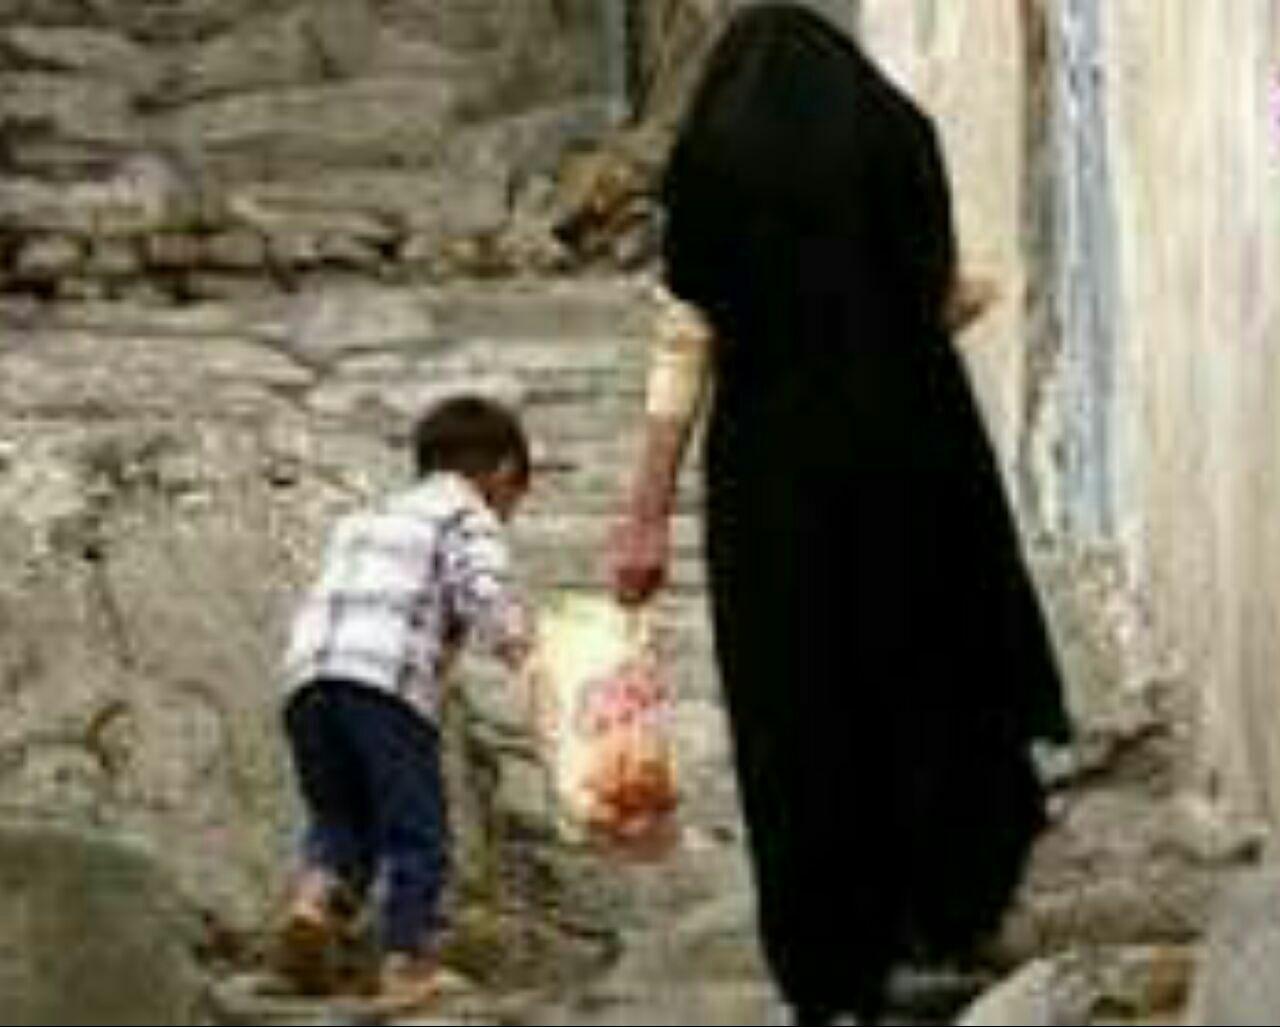 بی سرپناهی؛ کابوس زنان بی سرپرست در دوران پیری و ناتوانی